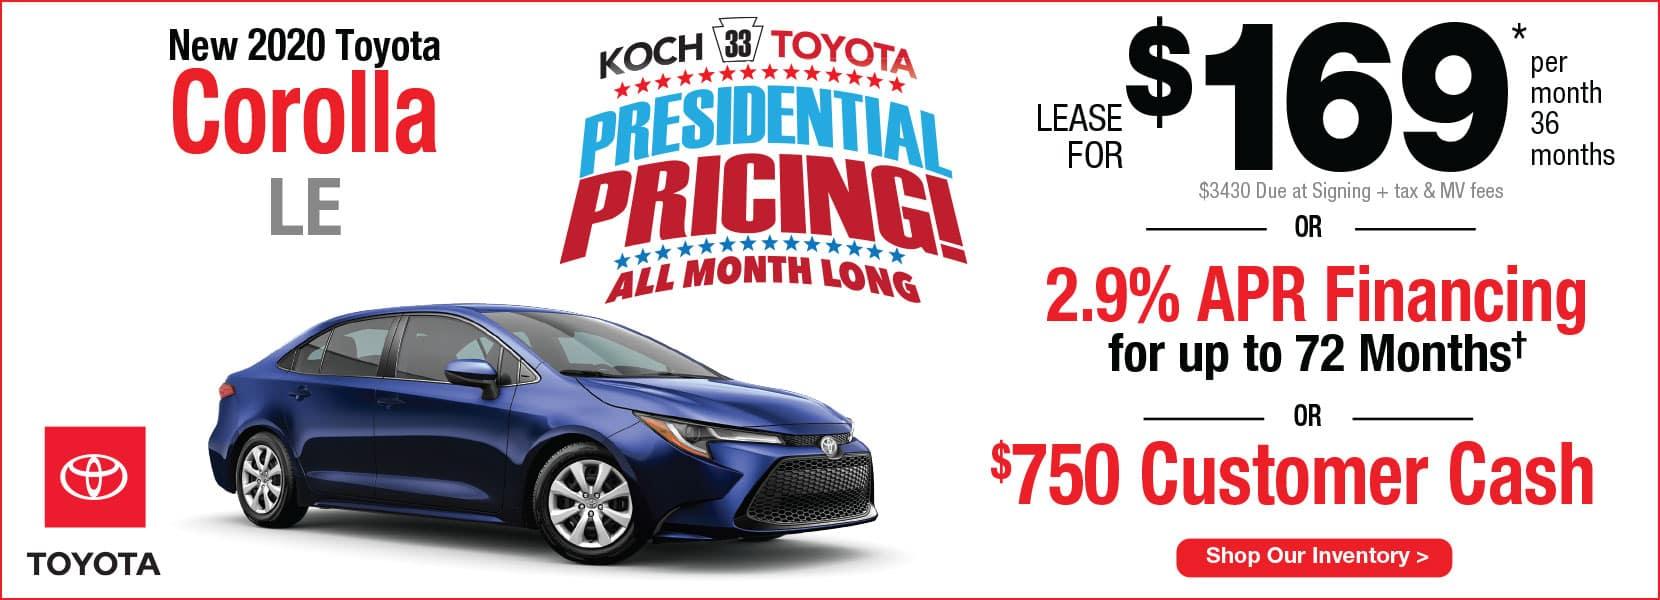 Koch 33 Lease Offers